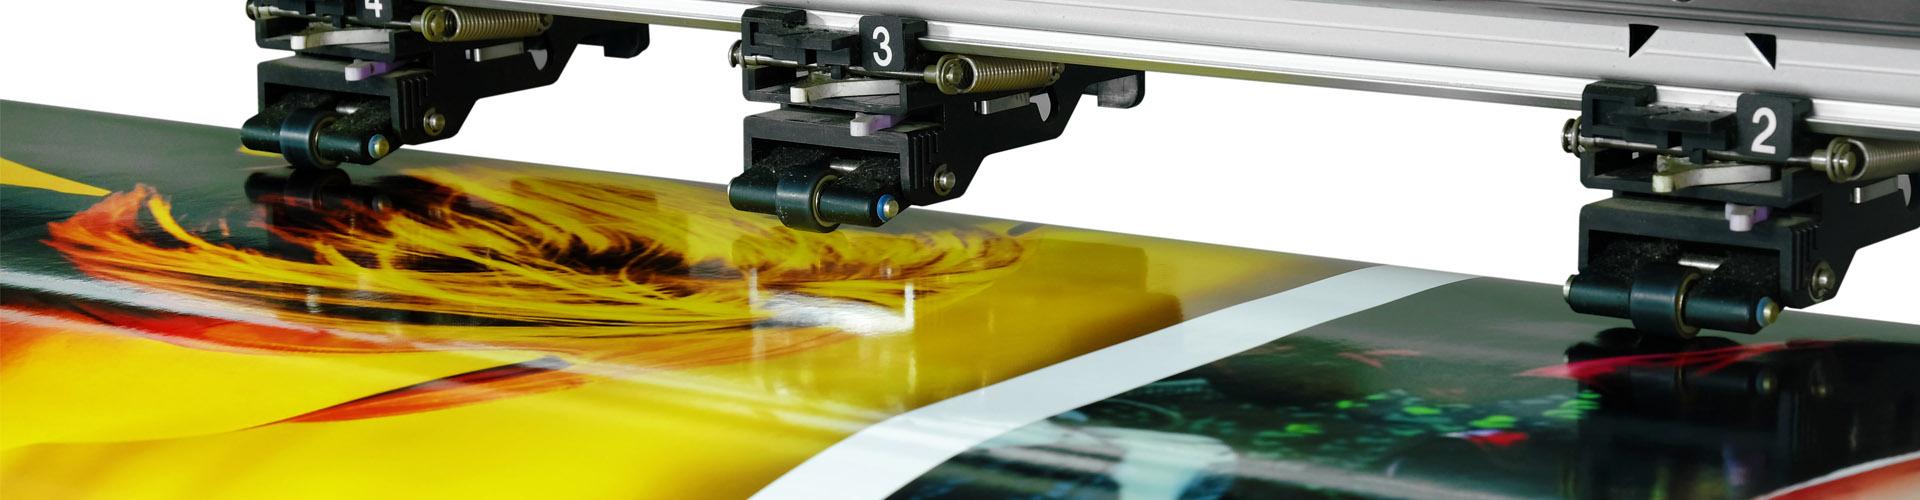 Photo of Printing Machine